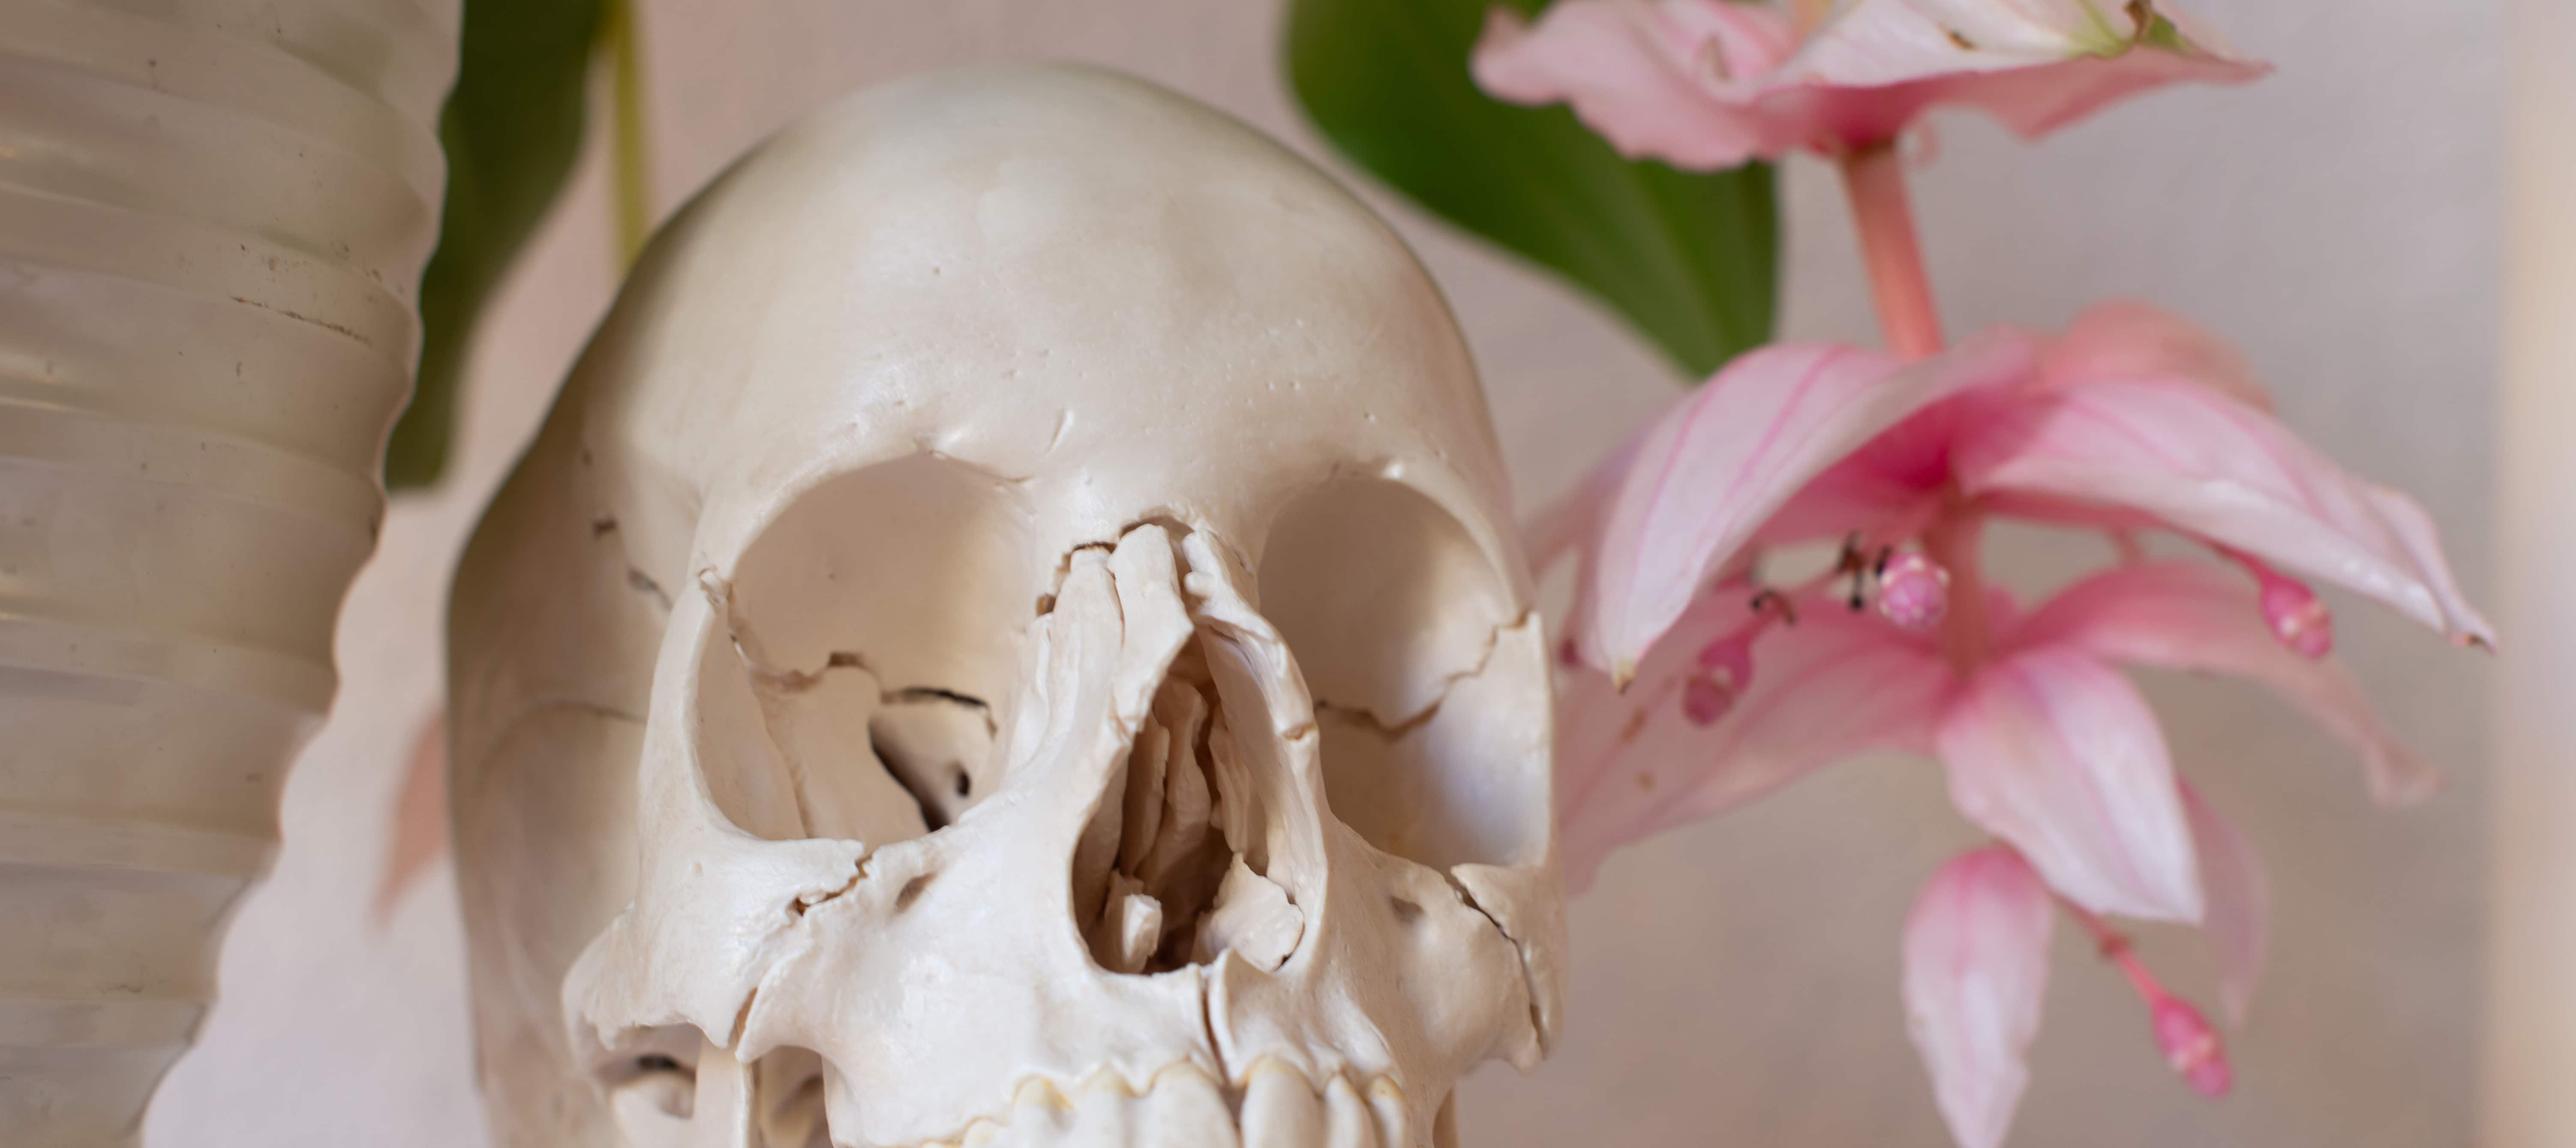 Schädel Kopf